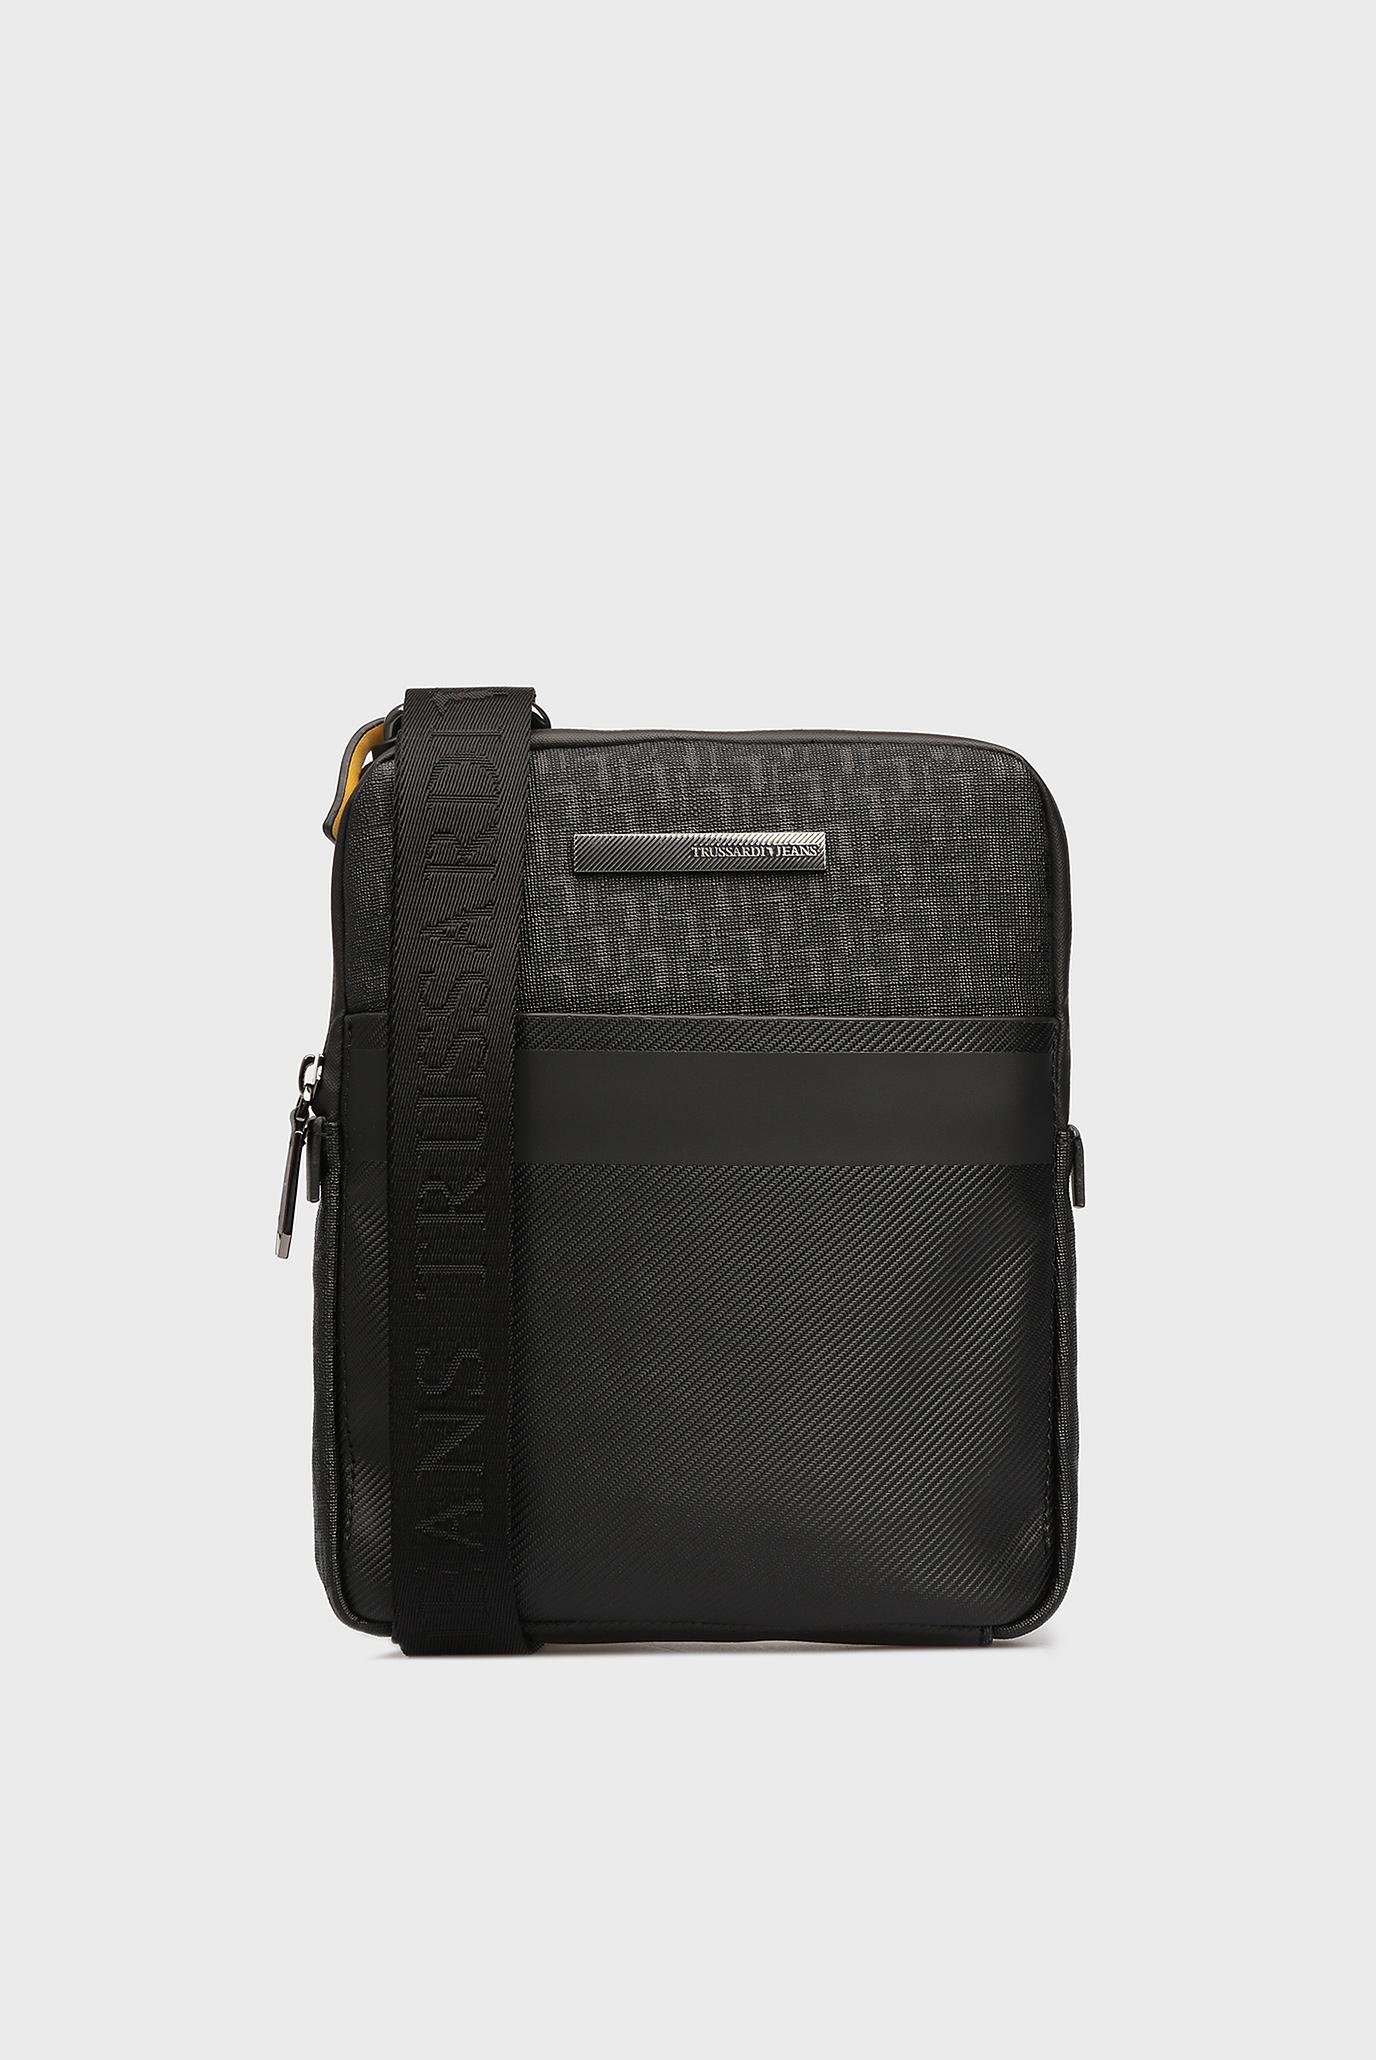 Купить Мужская черная сумка через плечо Trussardi Jeans Trussardi Jeans  9Y099999 71B00082 – Киев, Украина. Цены в интернет магазине ... 2c456874c38